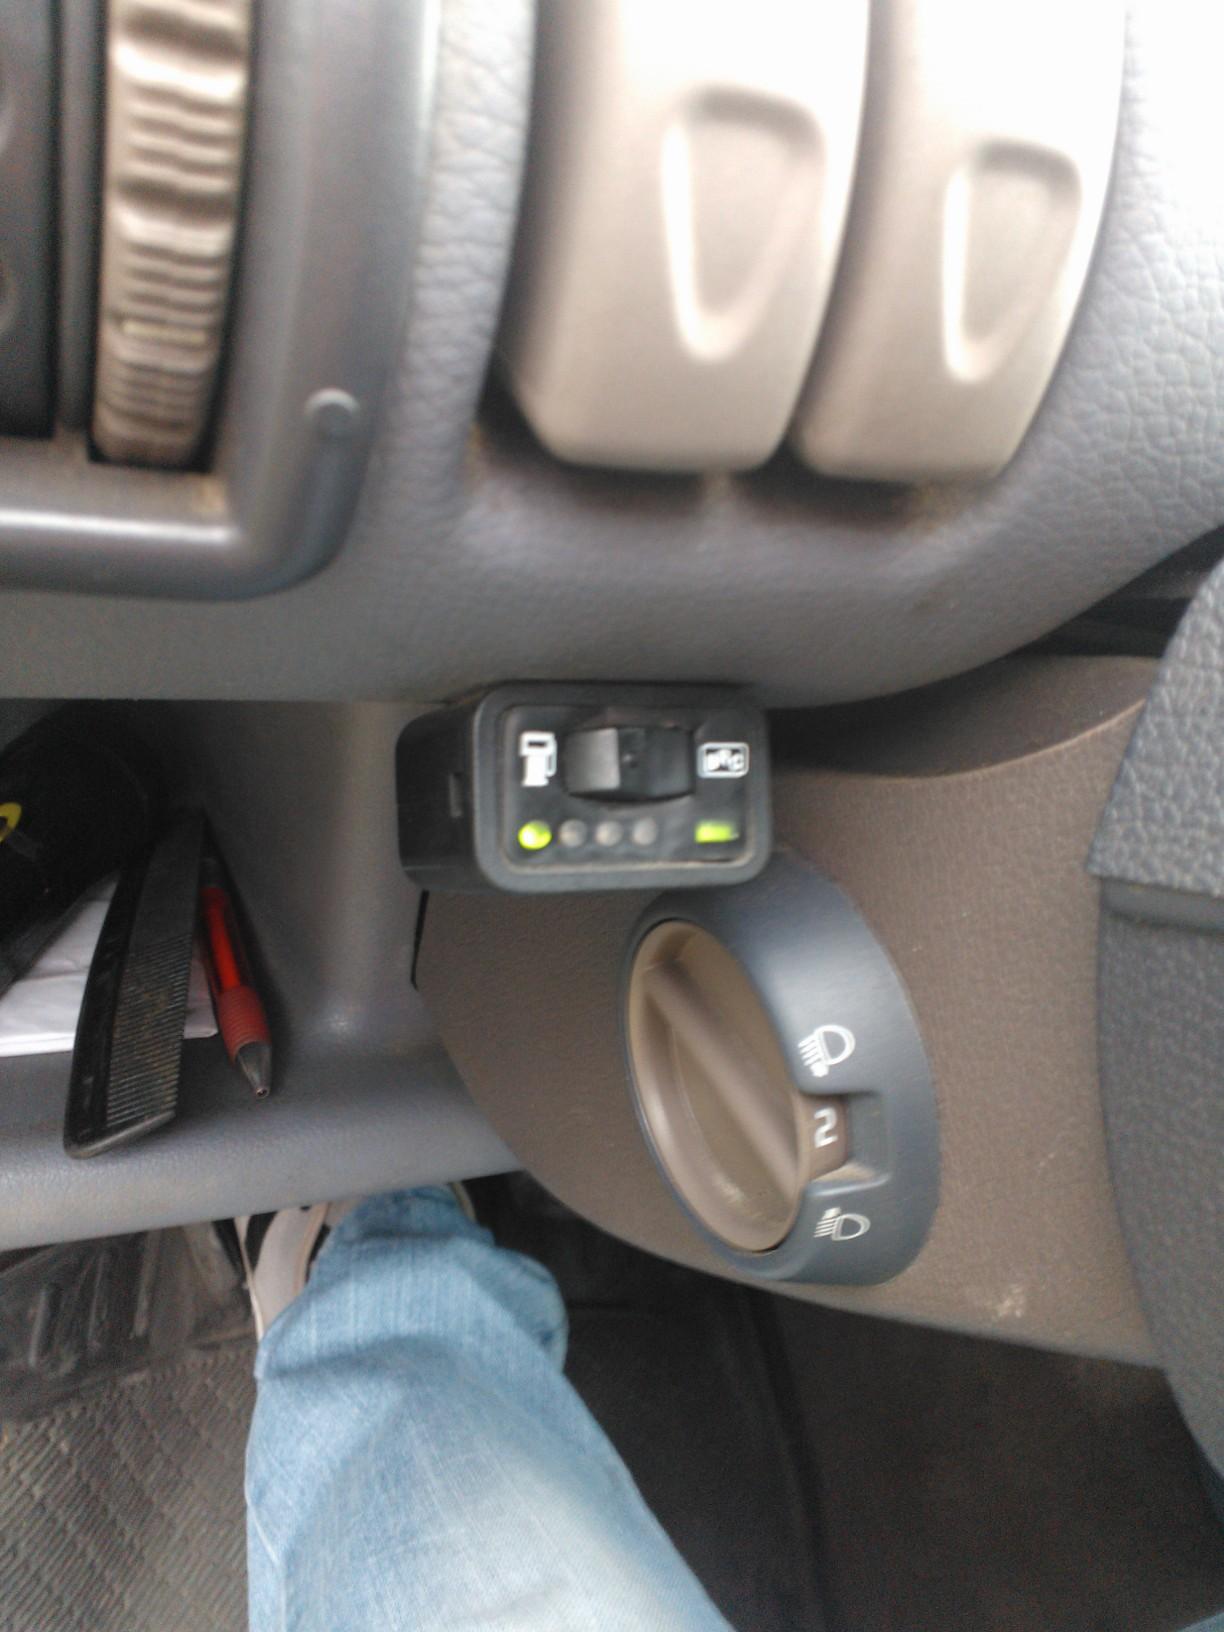 renault Twingo 1.2 - instalacja Elpigaz nie pokazuje prawid�owo poziomu gazu